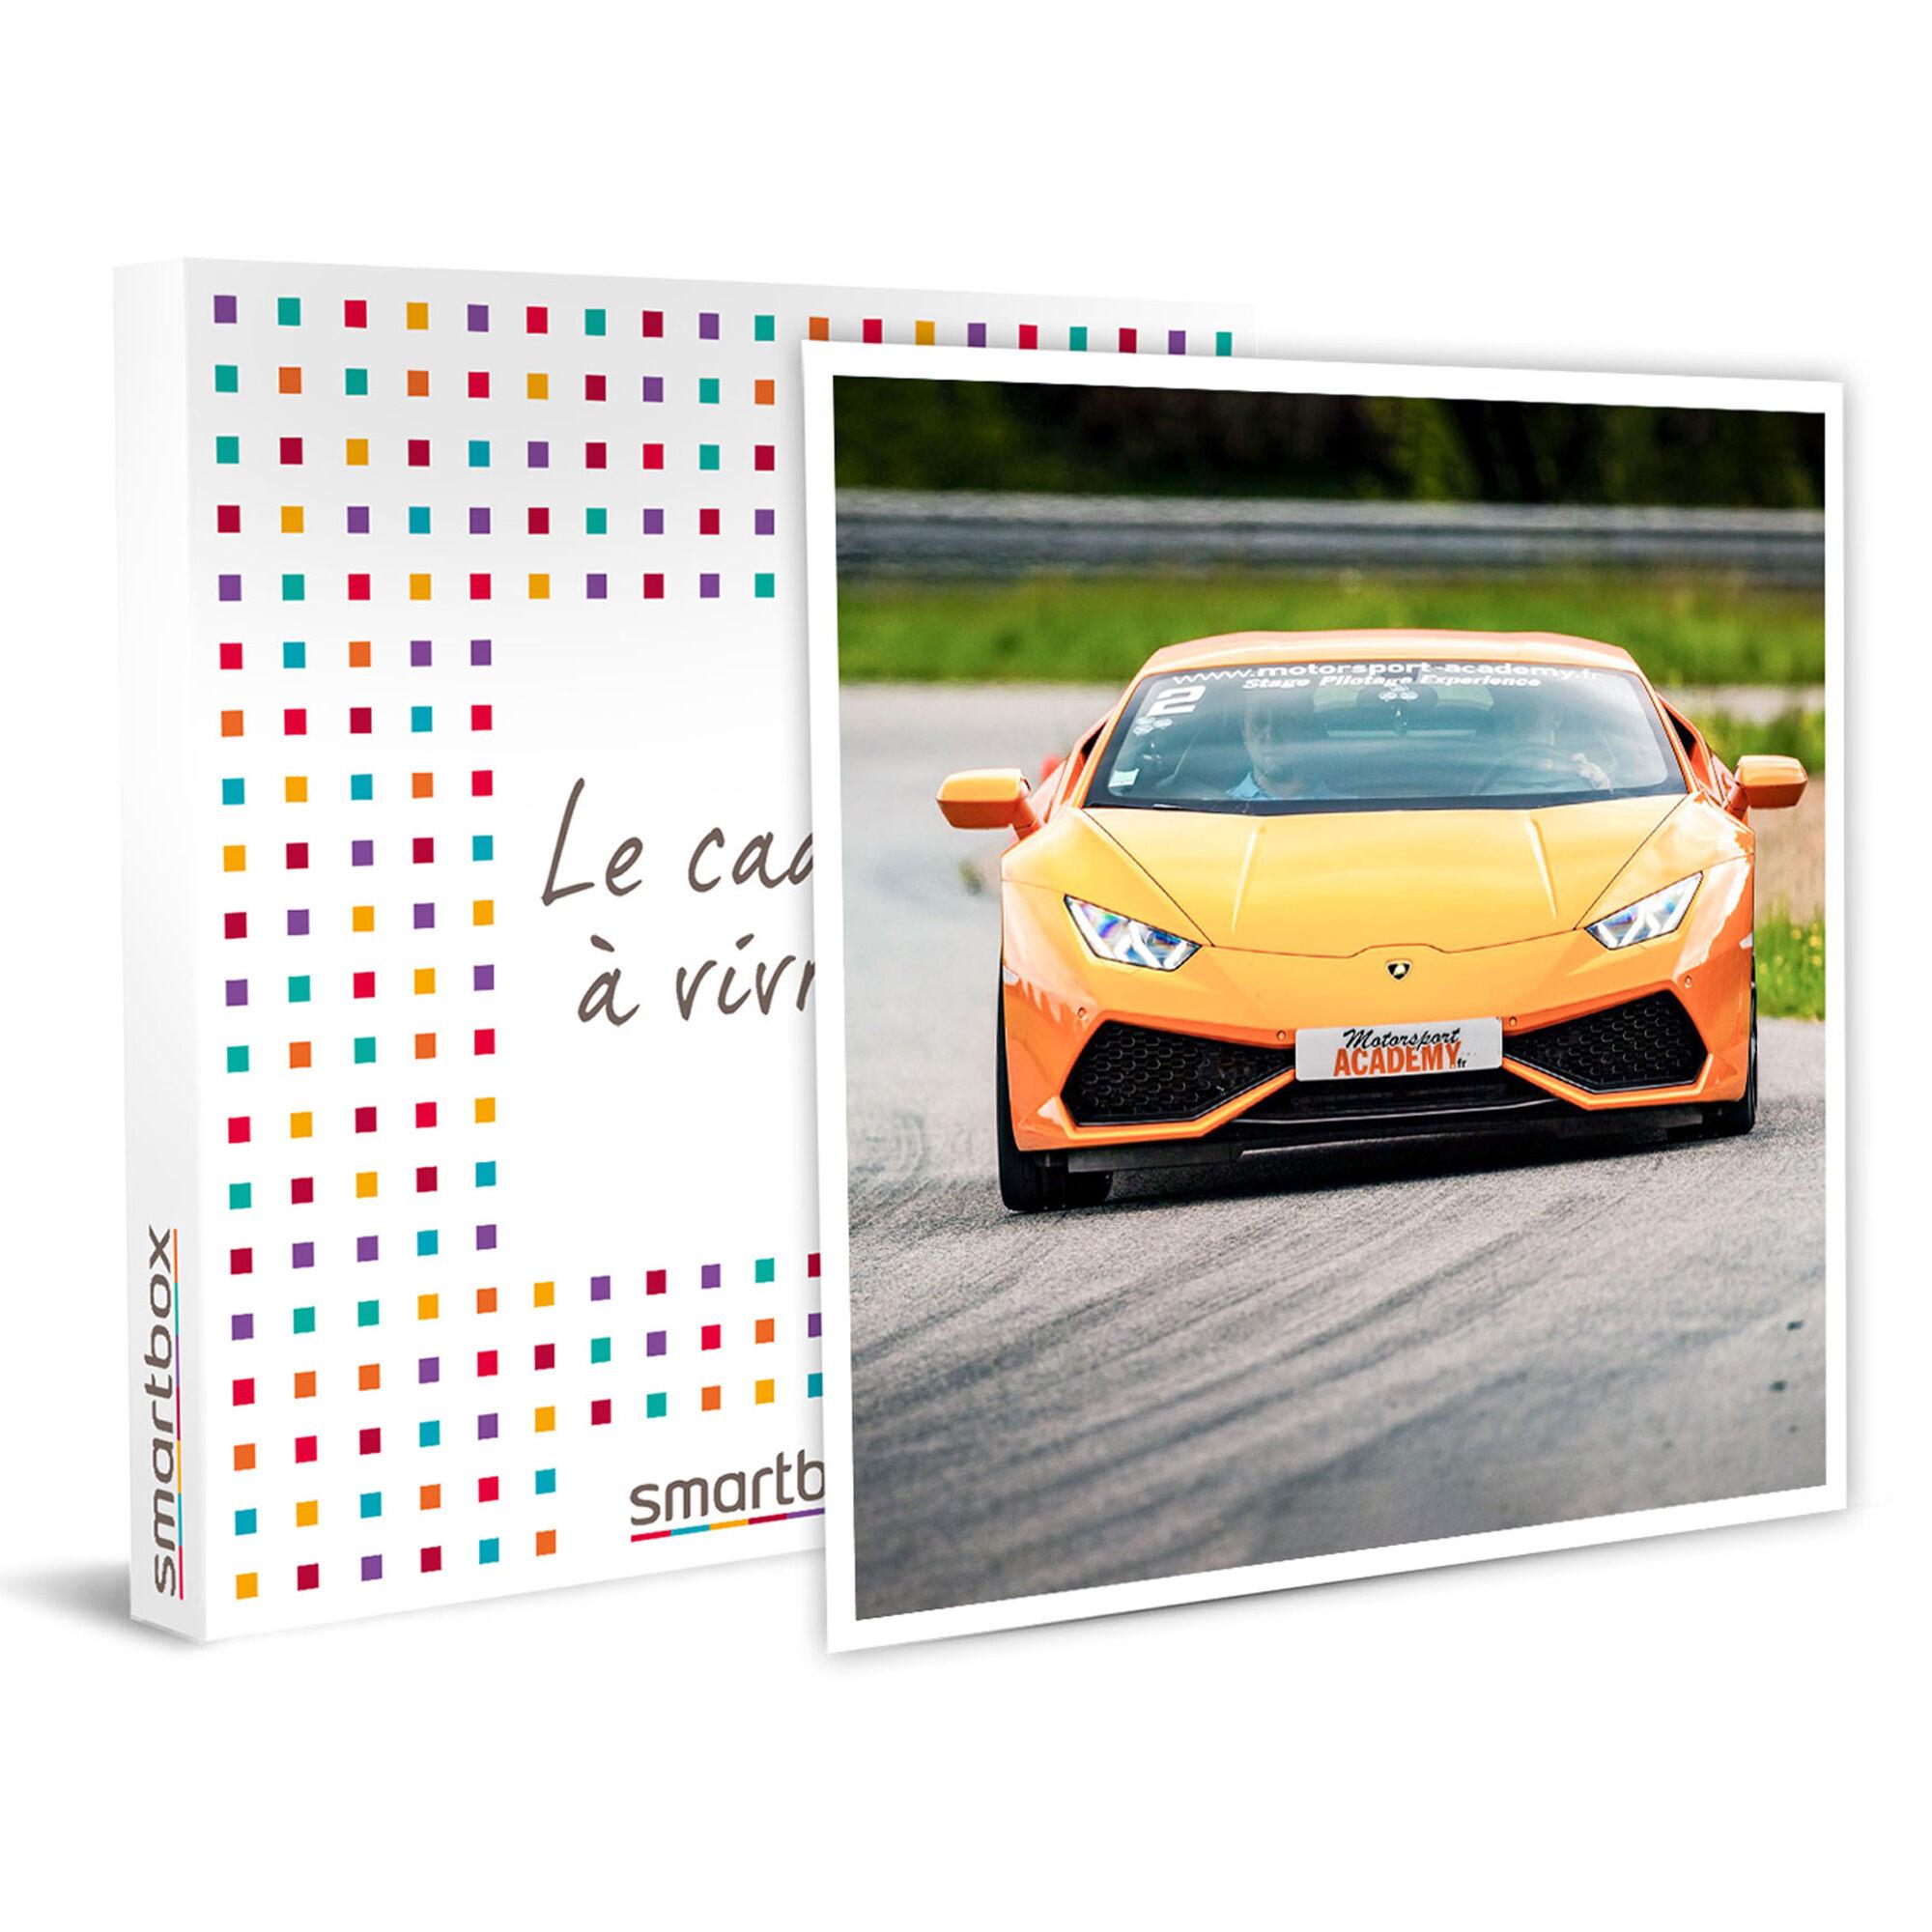 Smartbox Pilotage ou baptême à sensations sur circuit en Lamborghini Huracan Coffret cadeau Smartbox